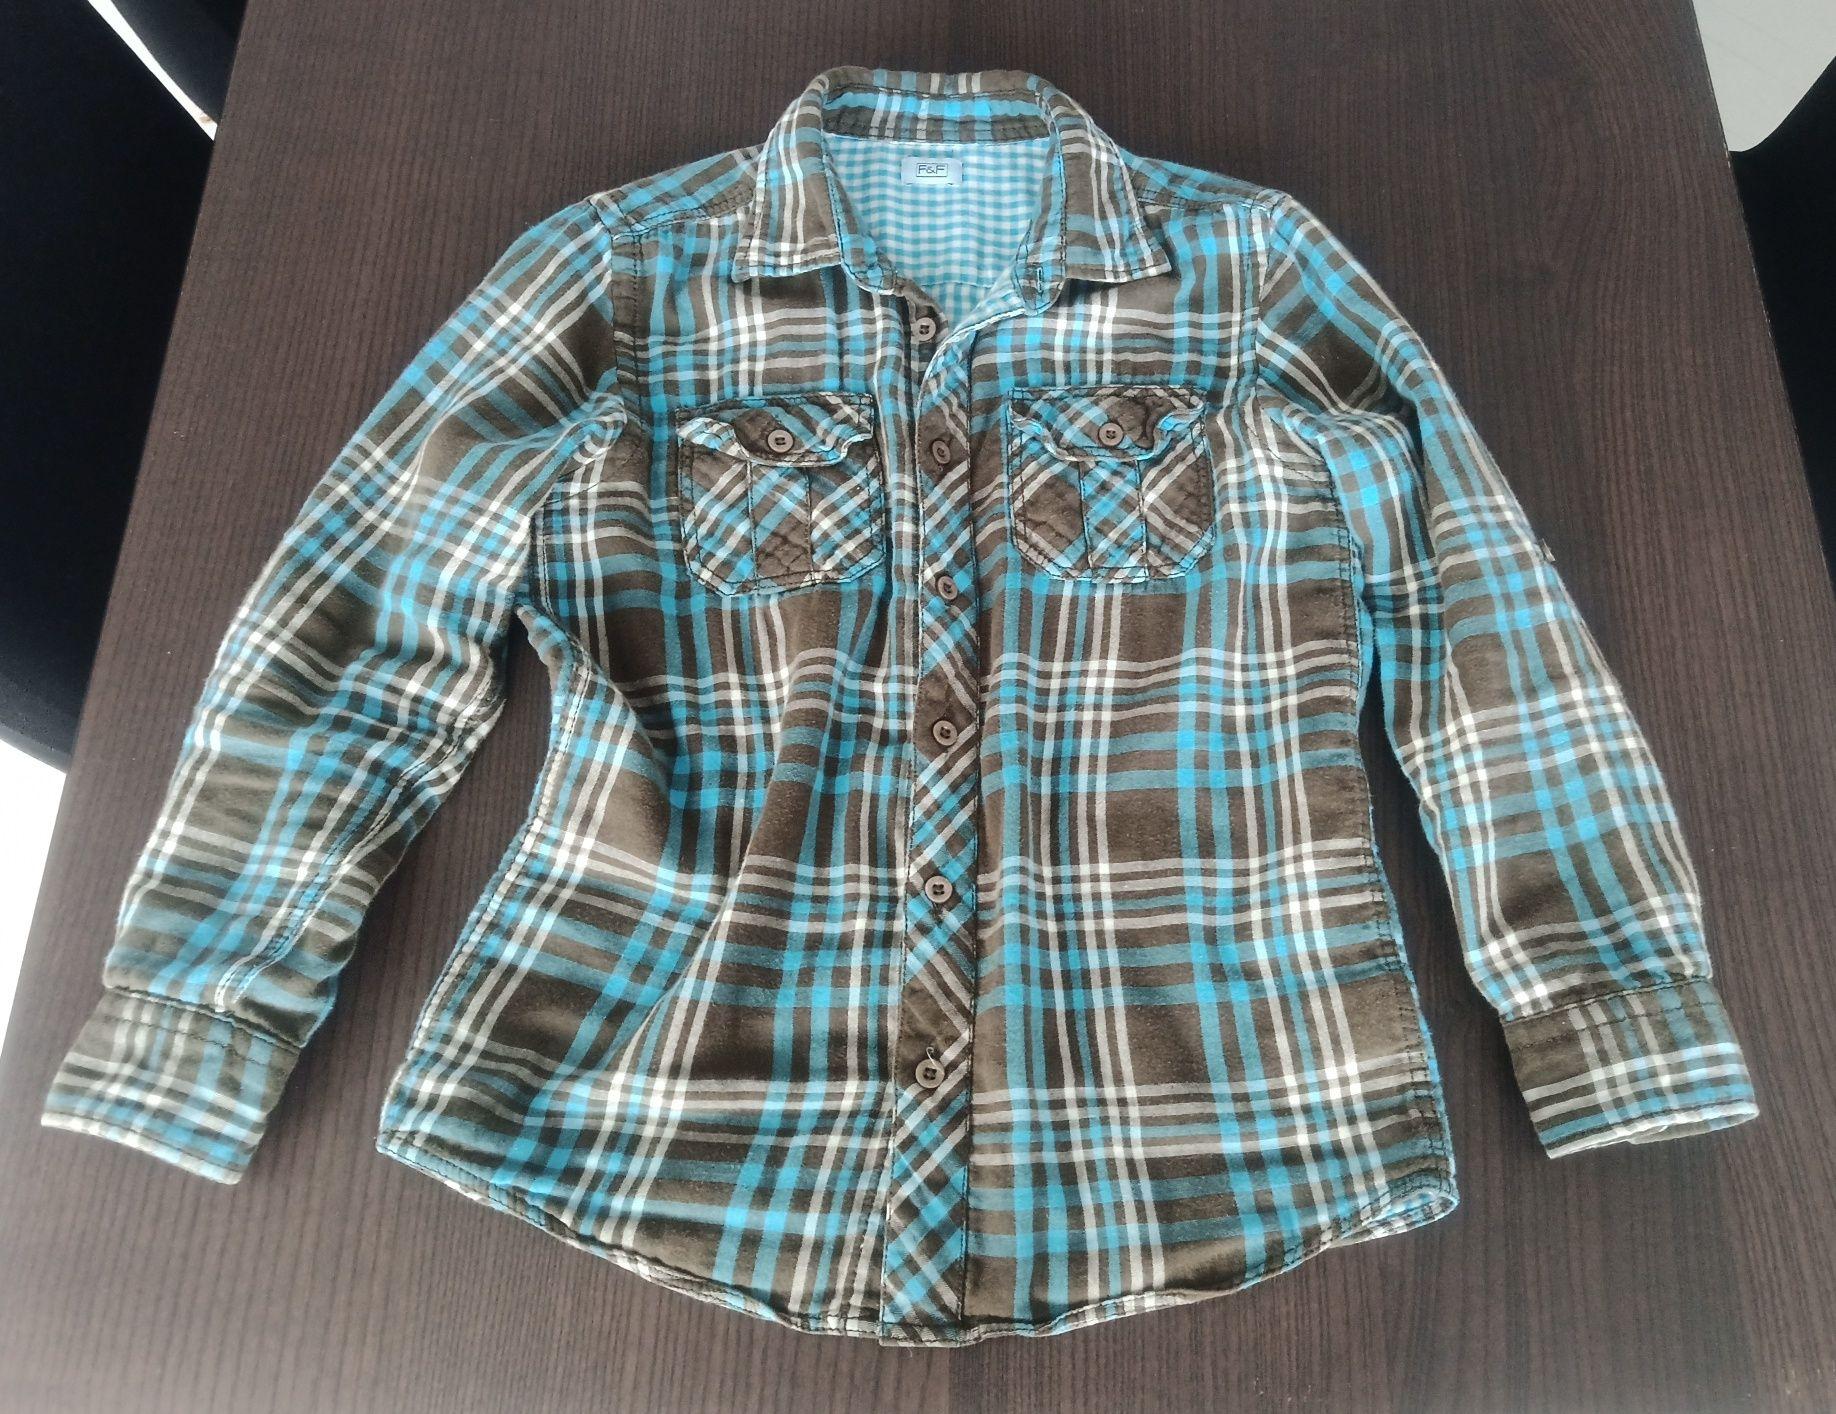 Koszula F&F chłopięca bawełniana w kratkę sportowa r. 140